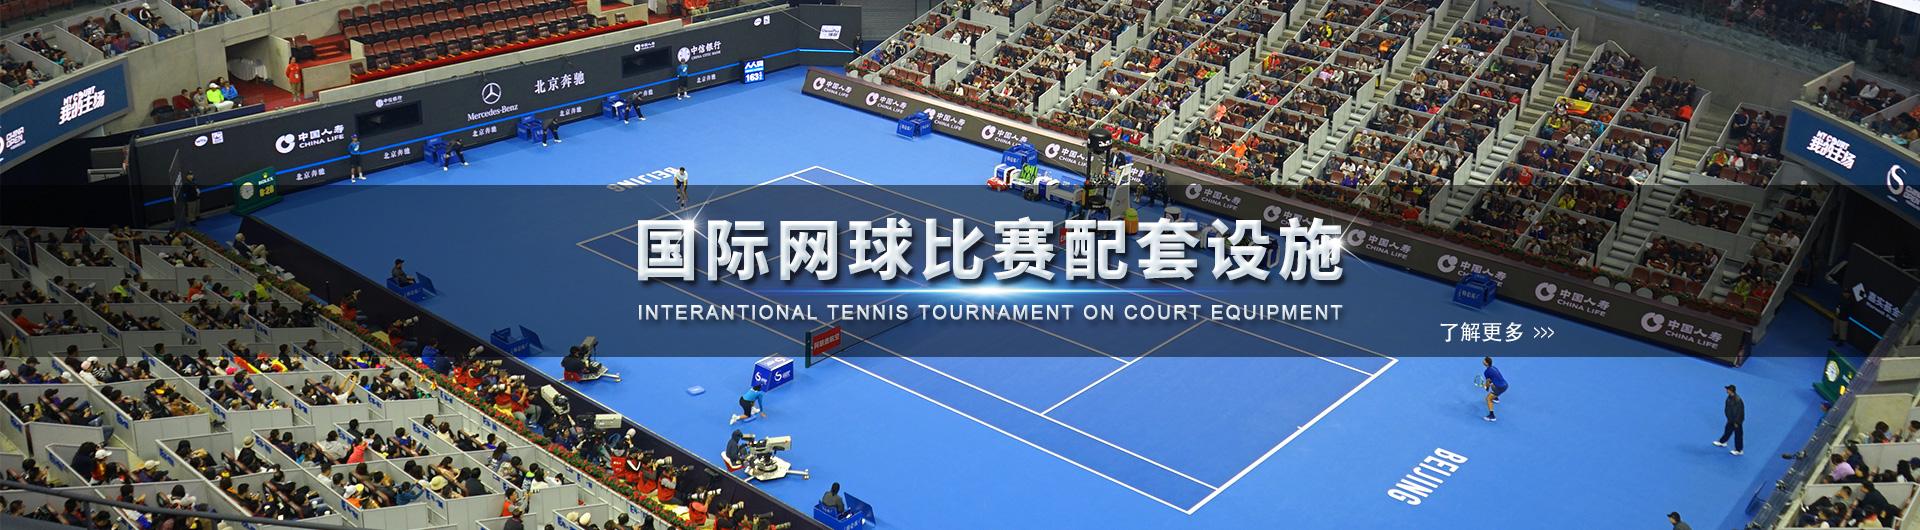 国际网球比赛配套设施